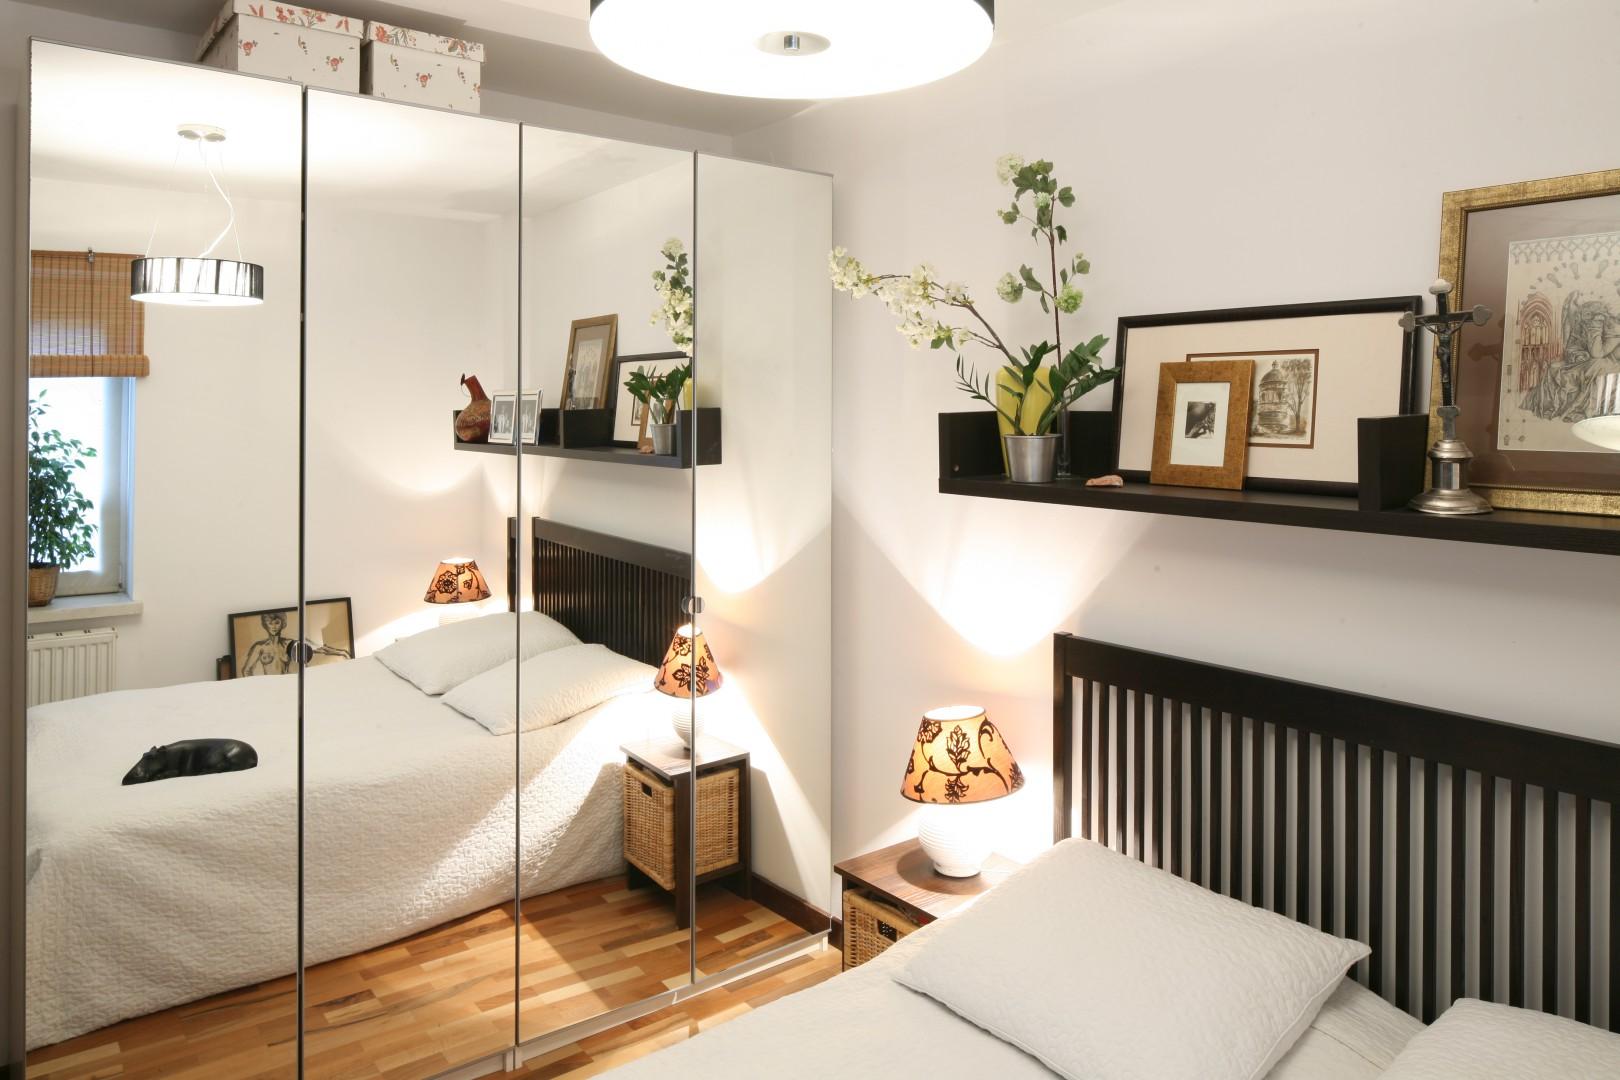 Urządzamy Mała Sypialnia Najlepsze Pomysły Z Polskich